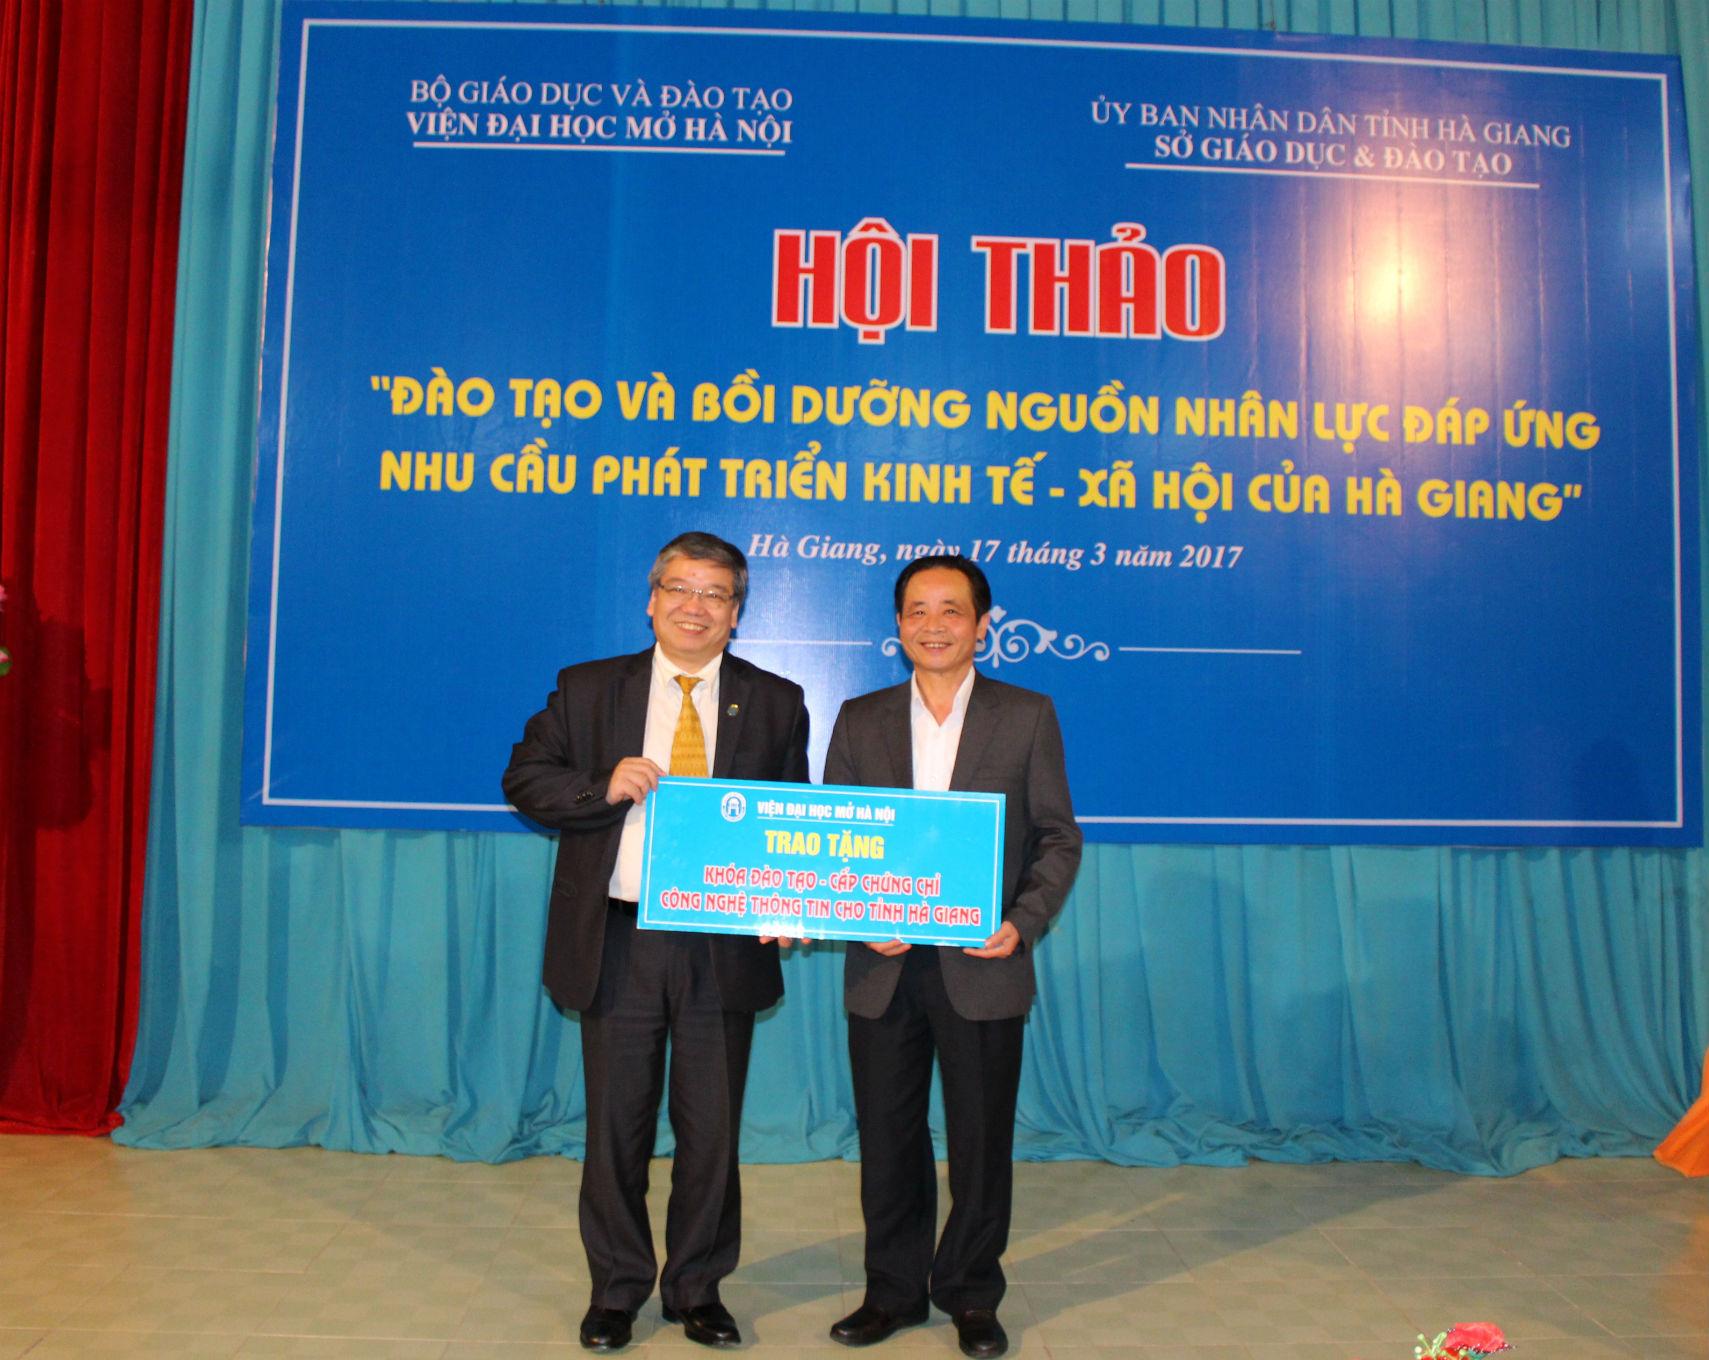 """Hội thảo """"Đào tạo và bồi dưỡng nguồn nhân lực đáp ứng nhu cầu phát triển KT-XH của tỉnh Hà Giang"""""""